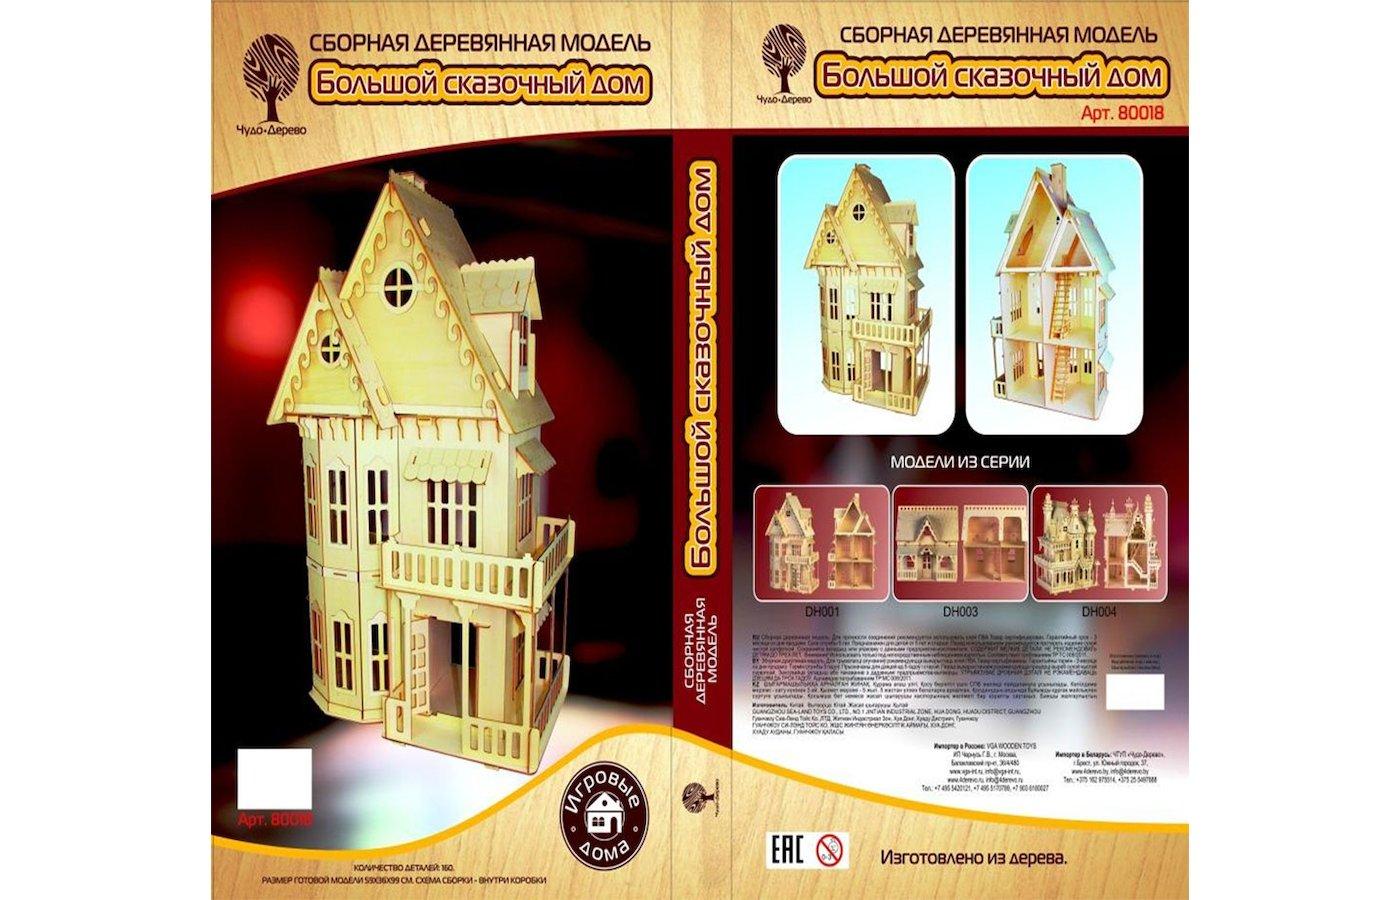 Конструктор Vga 80018 Большой сказочный дом